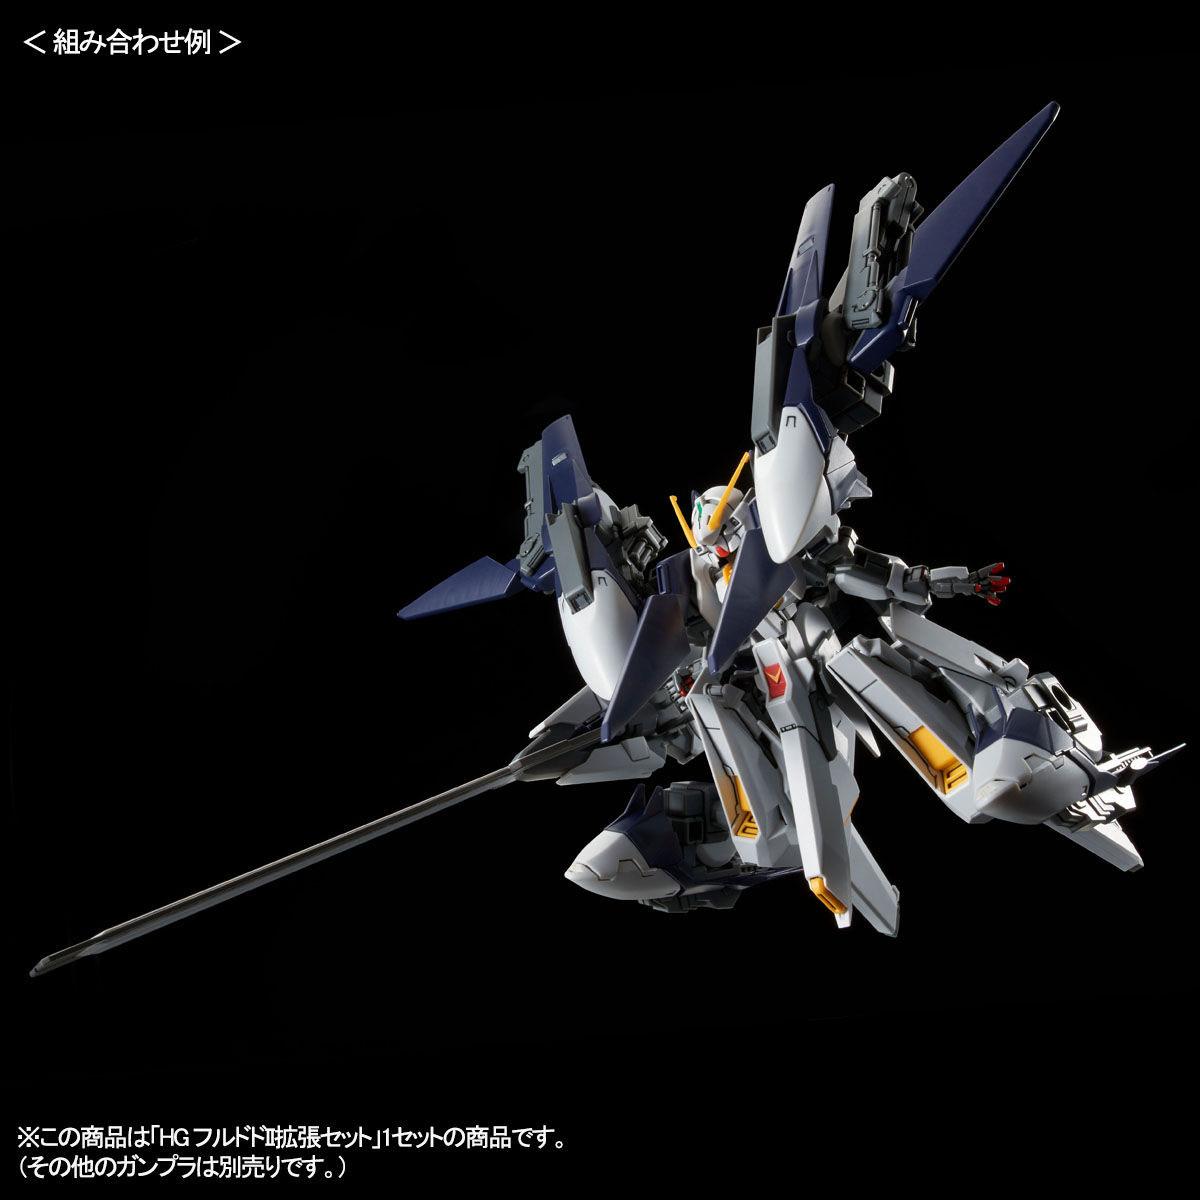 【限定販売】HG 1/144『フルドドII 拡張セット』プラモデル-007